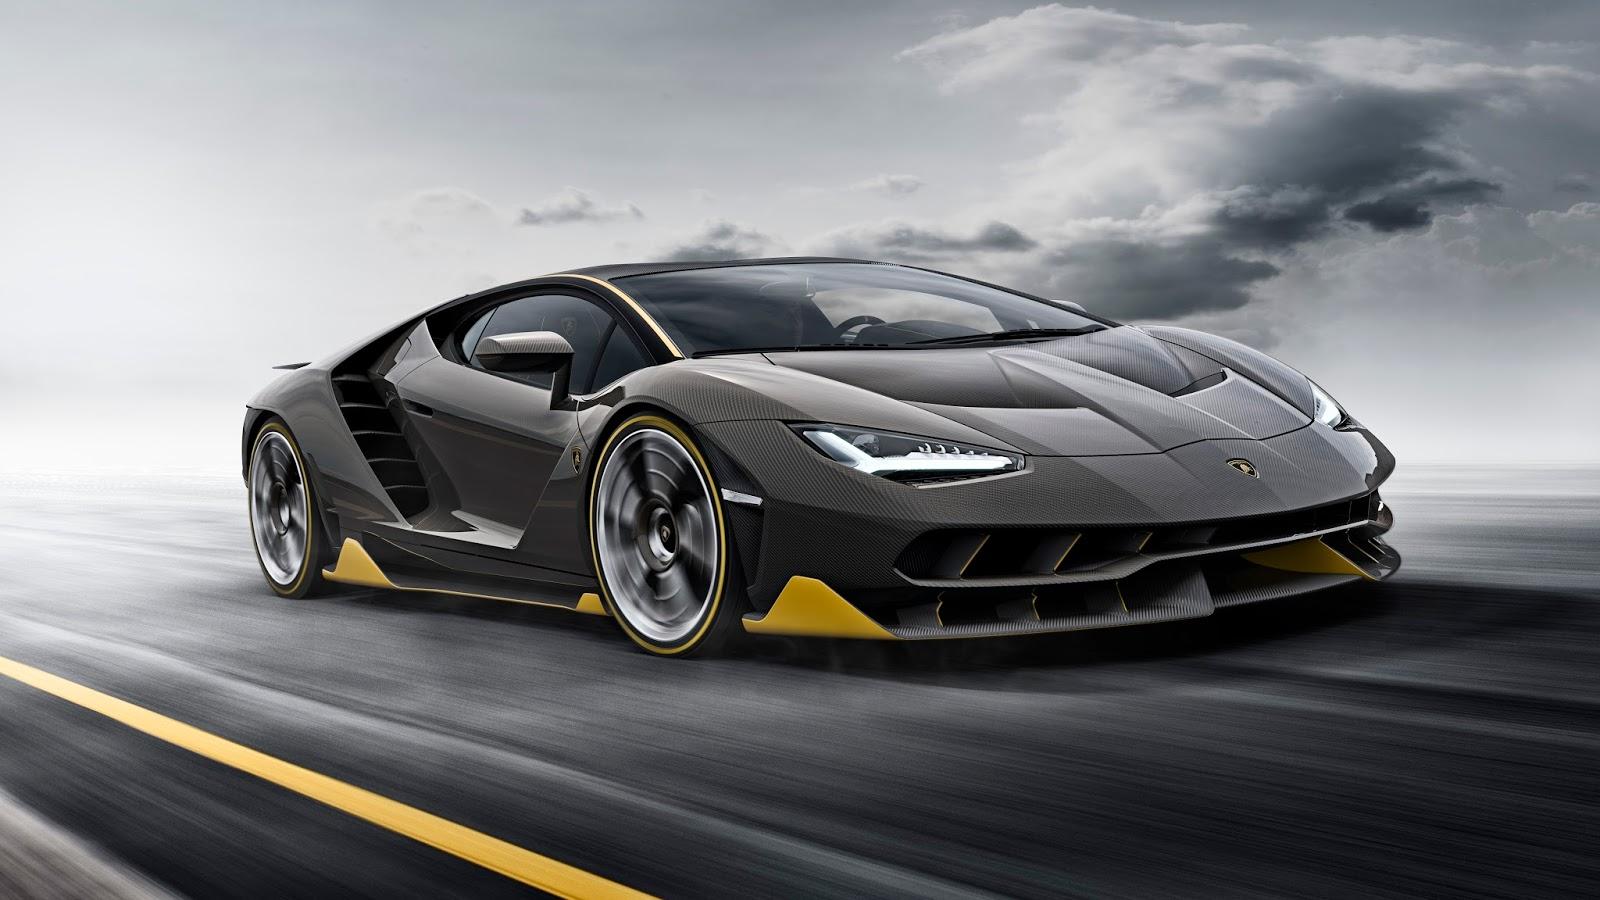 423364 Η Lamborghini Centenario είναι αφιερωμένη στον ιδρυτή της autoshow, Lamborghini, Lamborghini Centenario, supercars, videos, Σαλόνι Αυτοκινήτου της Γενεύης